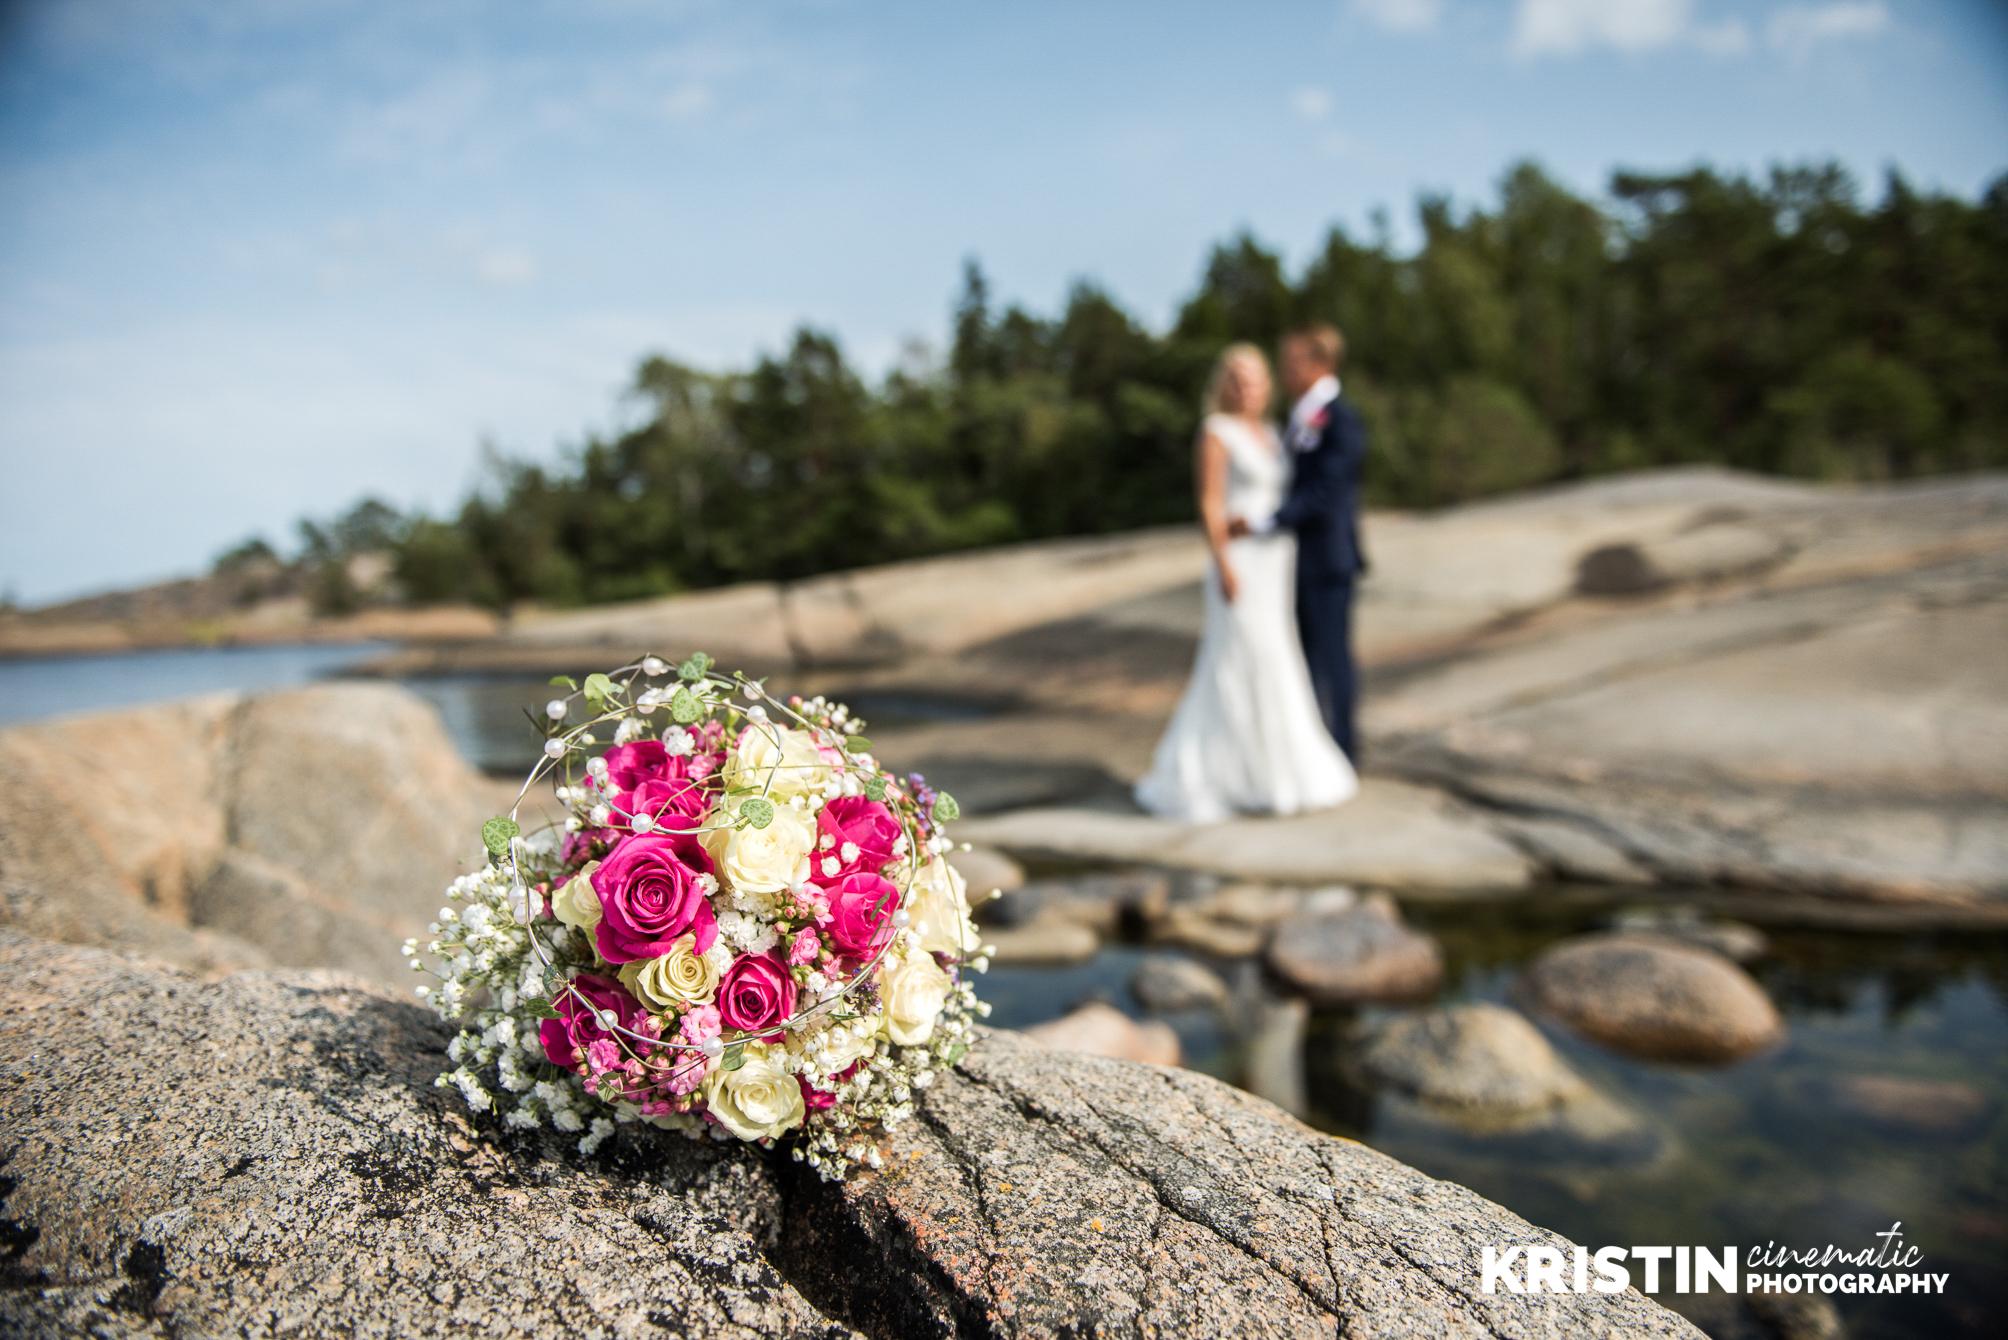 Bröllopsfotograf i Eskilstuna Kristin - Photography-20.jpg